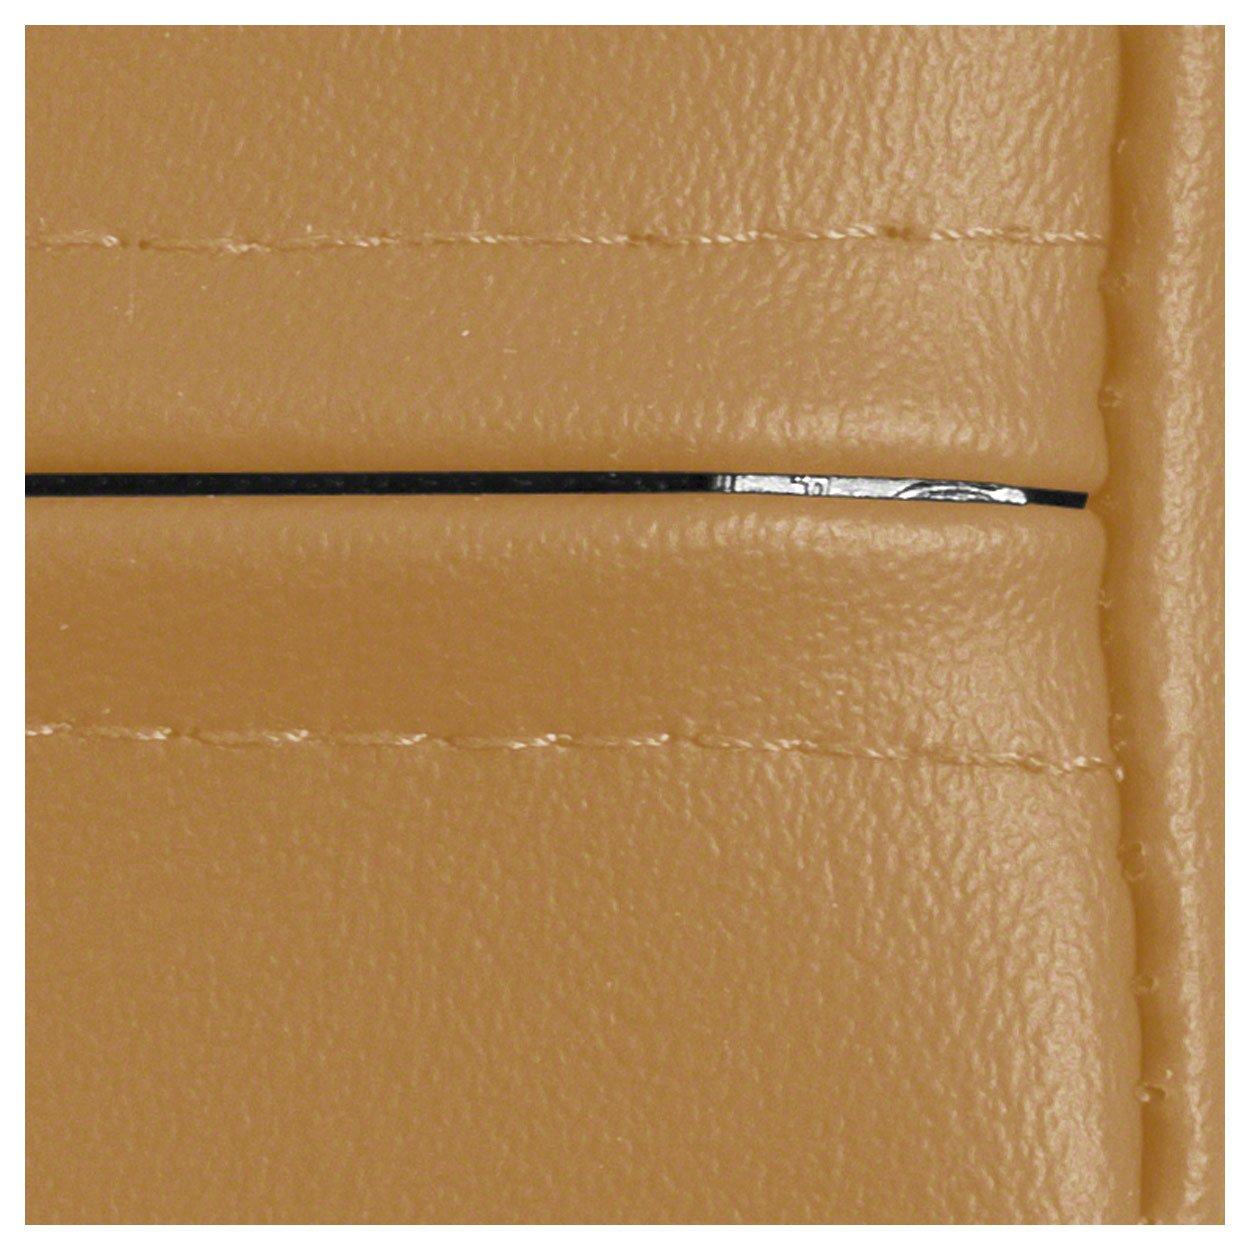 Halbrolle Lagerungsrolle Lagerungskissen mit Kunstlederbezug 60x15x7,5 cm